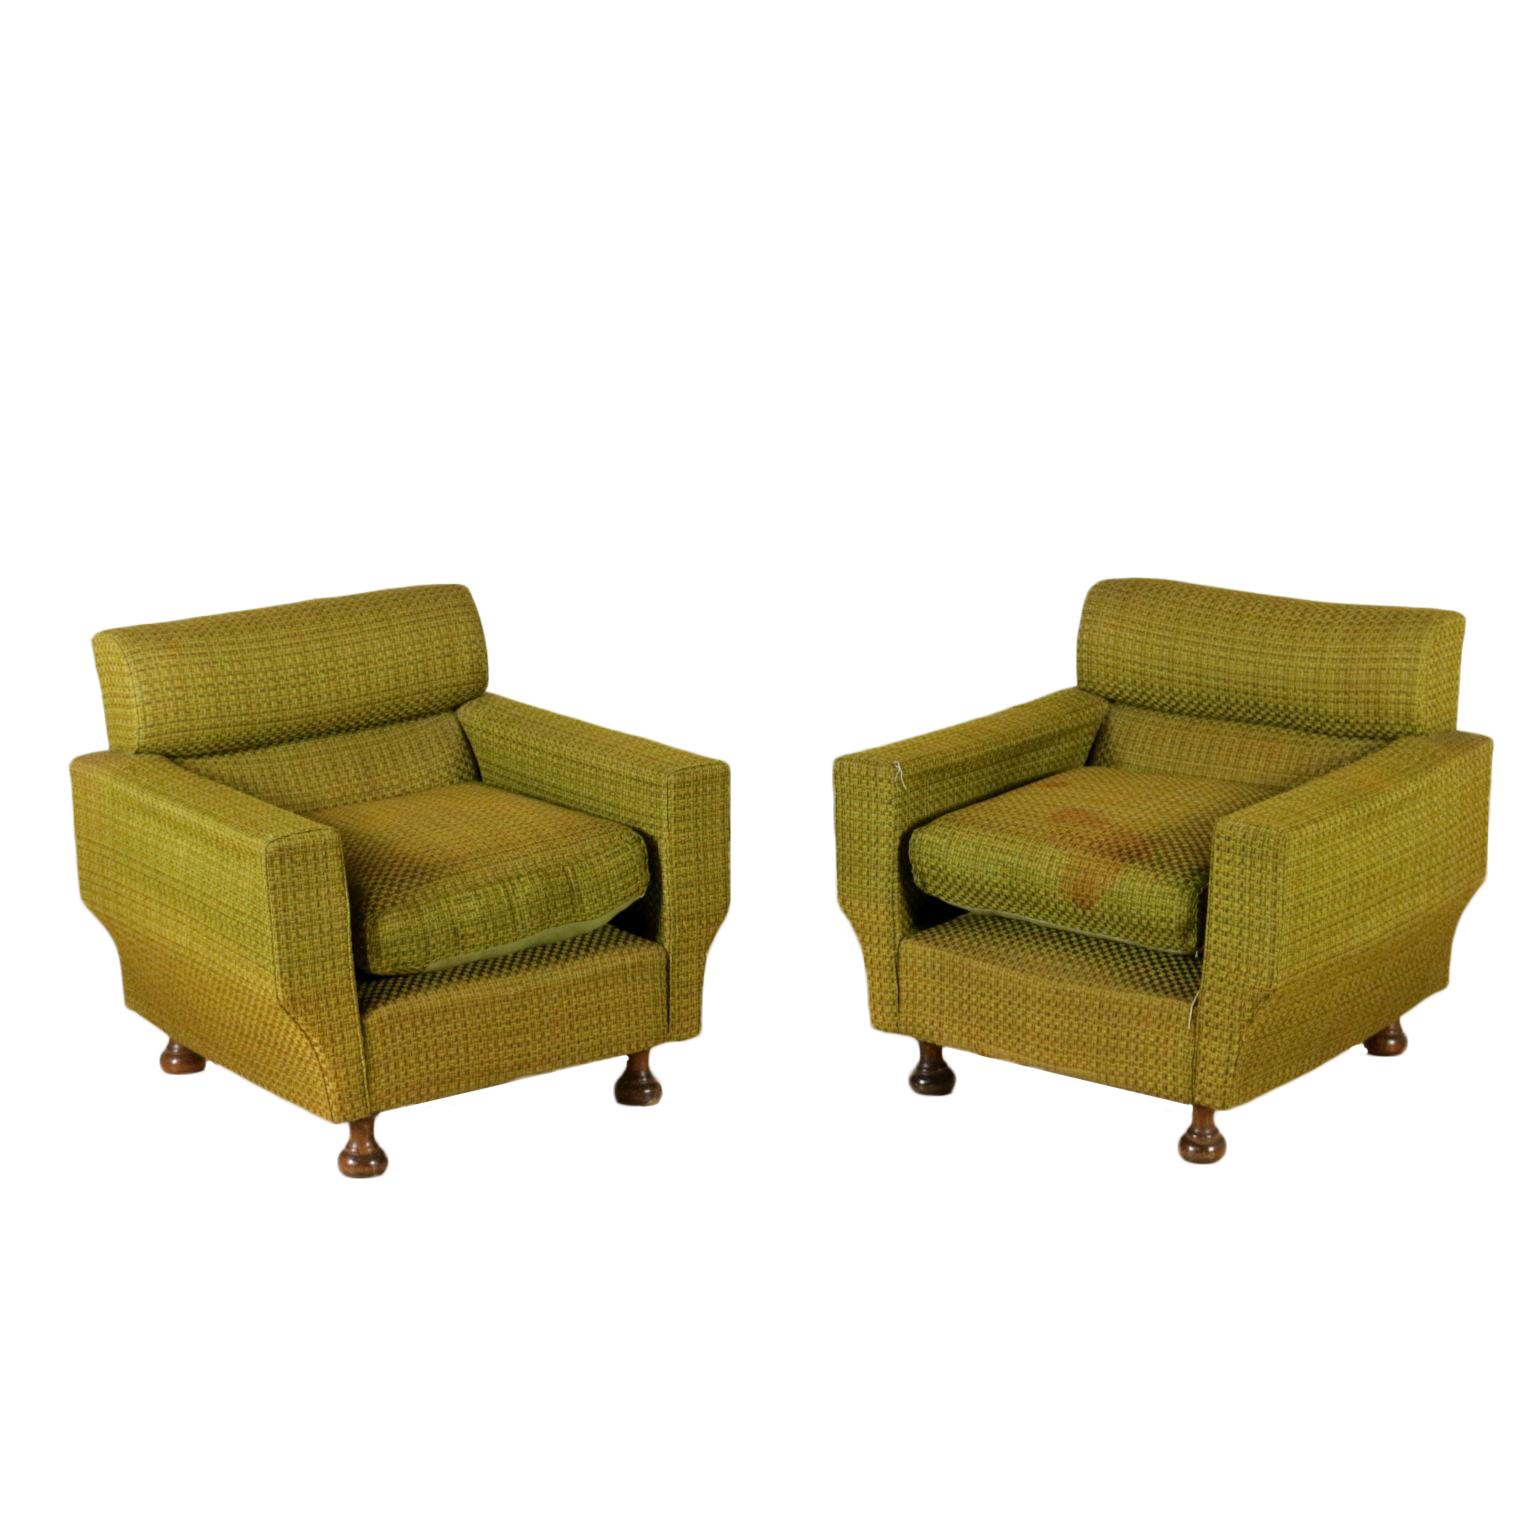 Sessel 60er design sessel er jahre sessel er jahre for Sessel 60er design